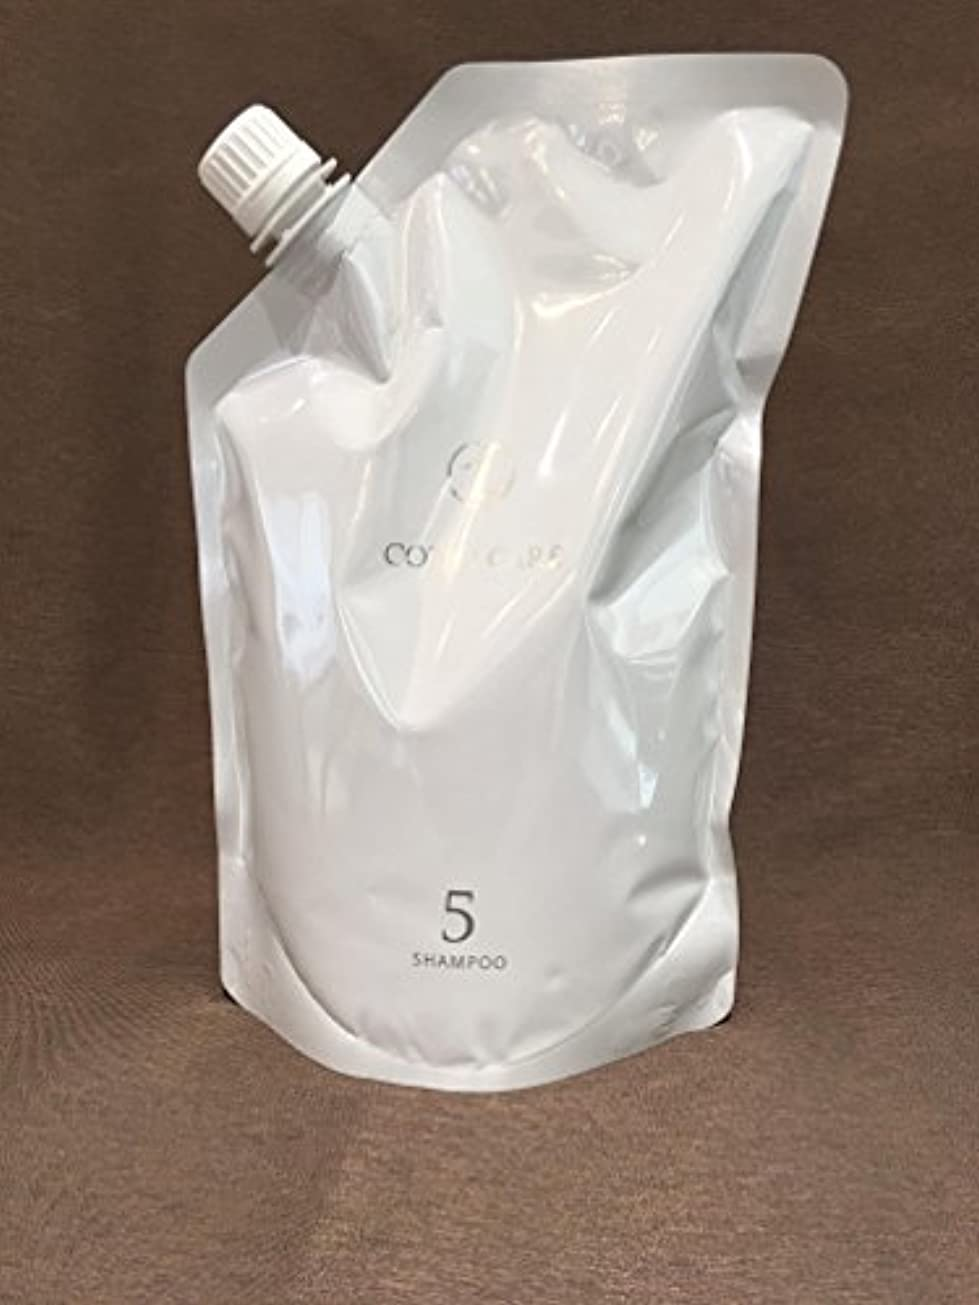 届けるチャーミングマーケティングコタ アイ ケア シャンプー 5(詰替え用)(750ml)